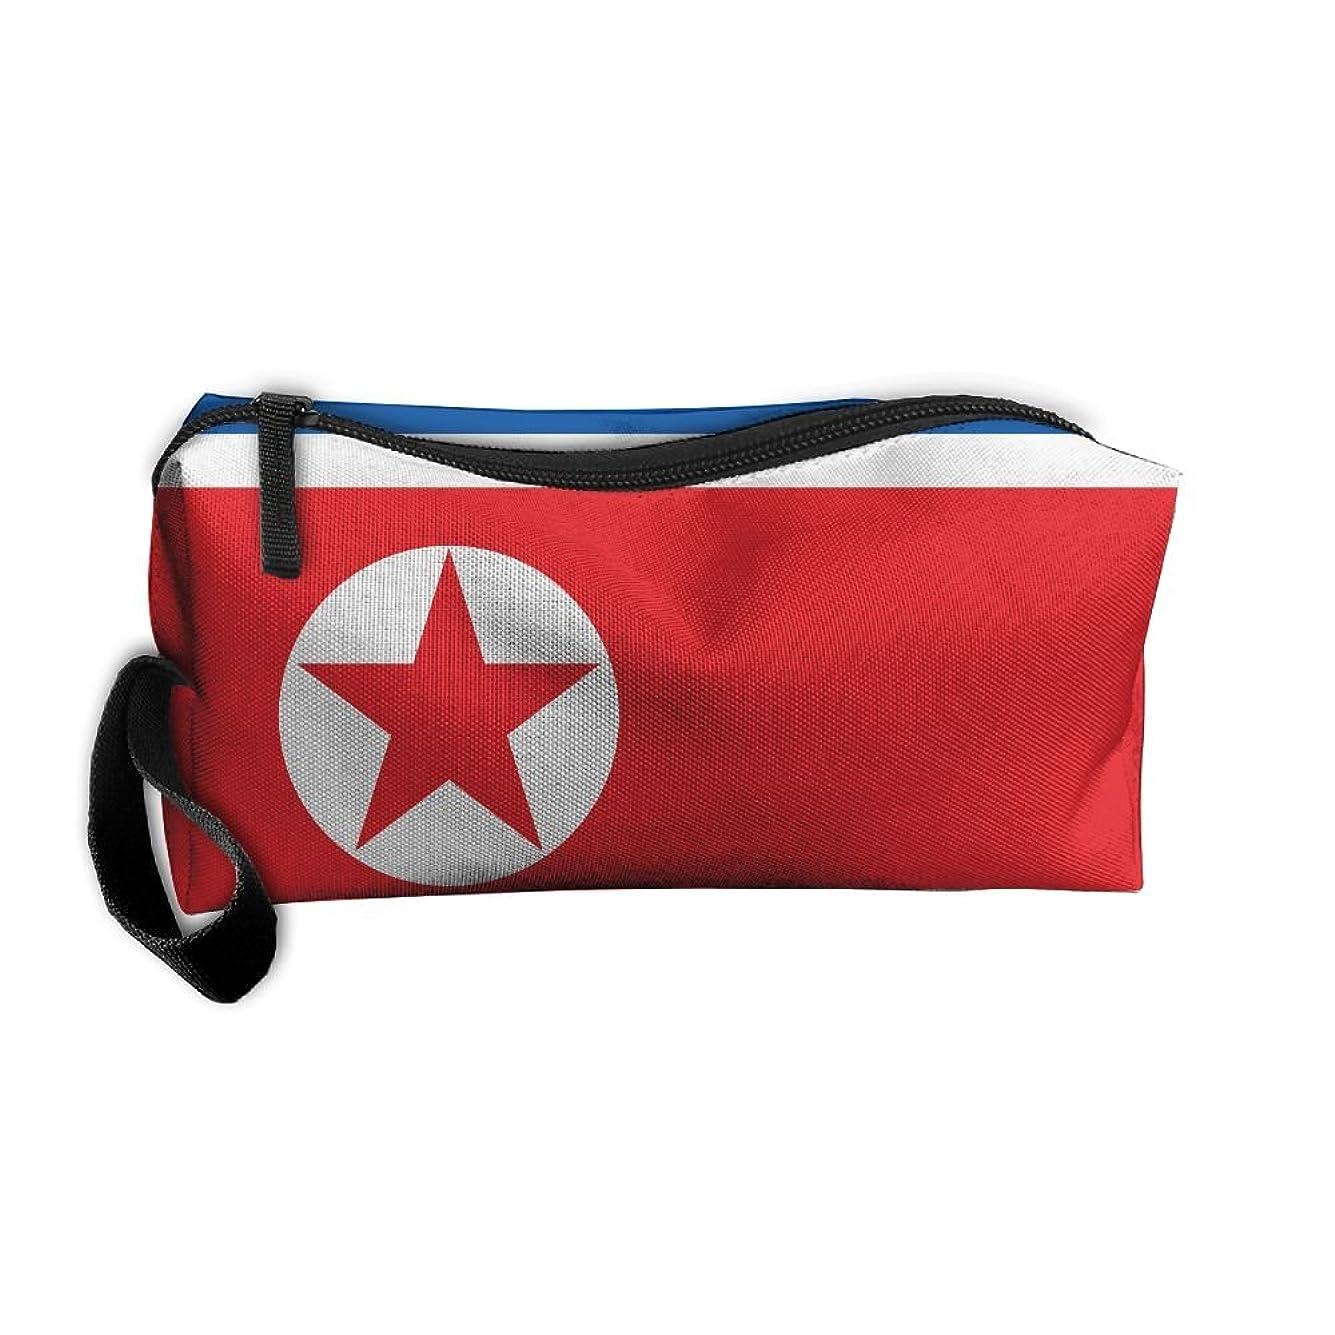 普通に脆い酸化物北朝鮮の国旗 化粧ポーチ 収納ポーチ コスメポーチ ペンケース ペンポーチ 小物入れ トラベルポーチ 軽量 防水 携帯用